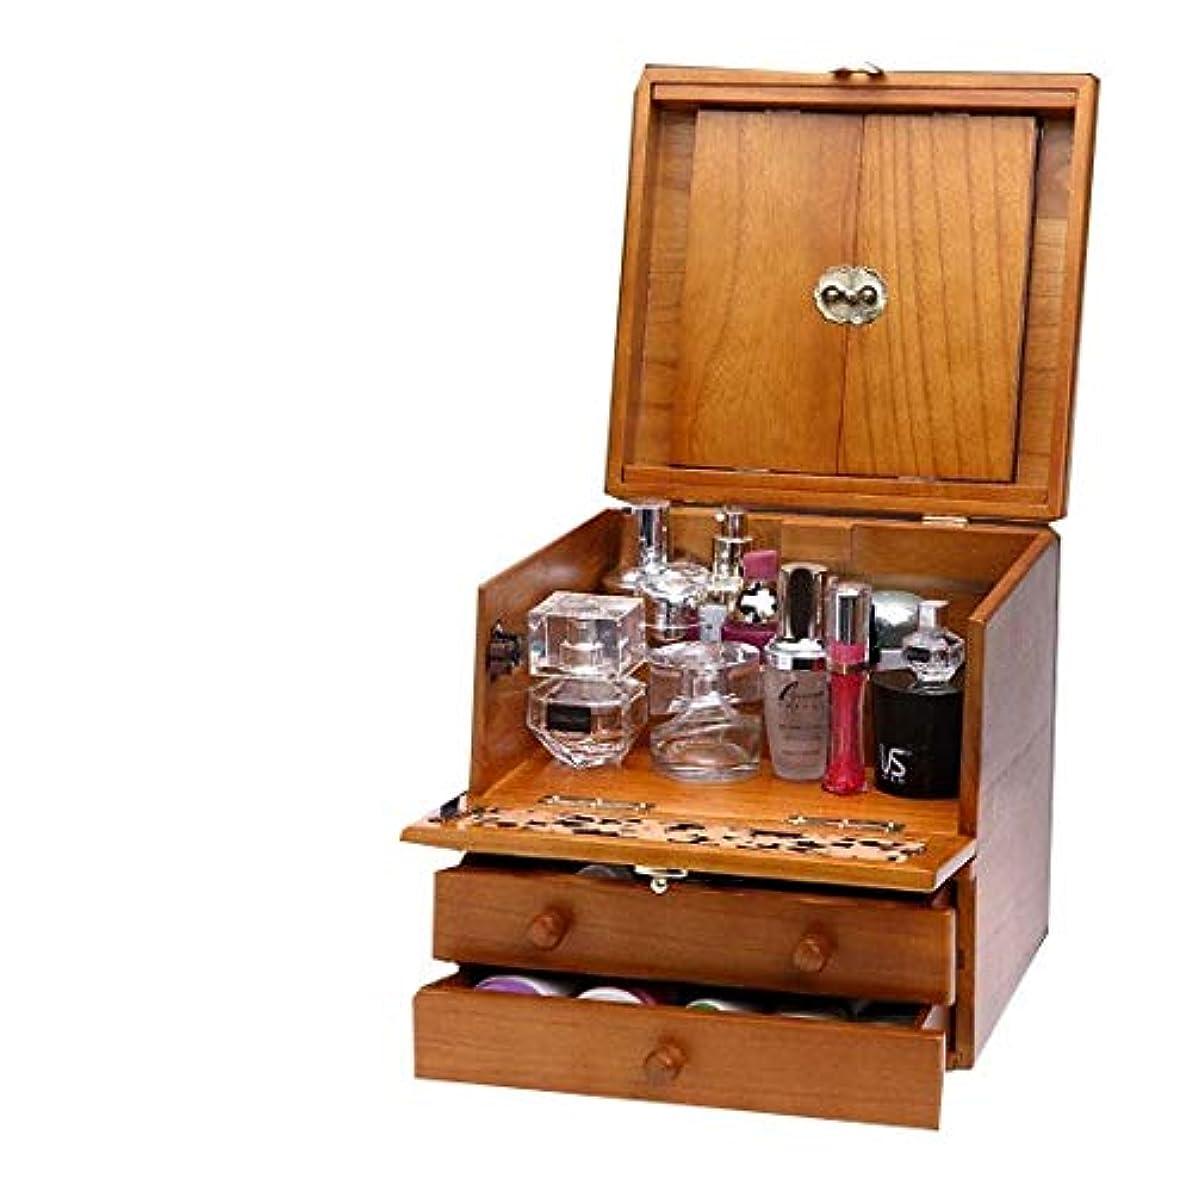 レンダリング上院議員流す化粧箱、3層レトロ木製彫刻化粧ケース付きミラー、ハイエンドのウェディングギフト、新築祝いのギフト、美容ネイルジュエリー収納ボックス